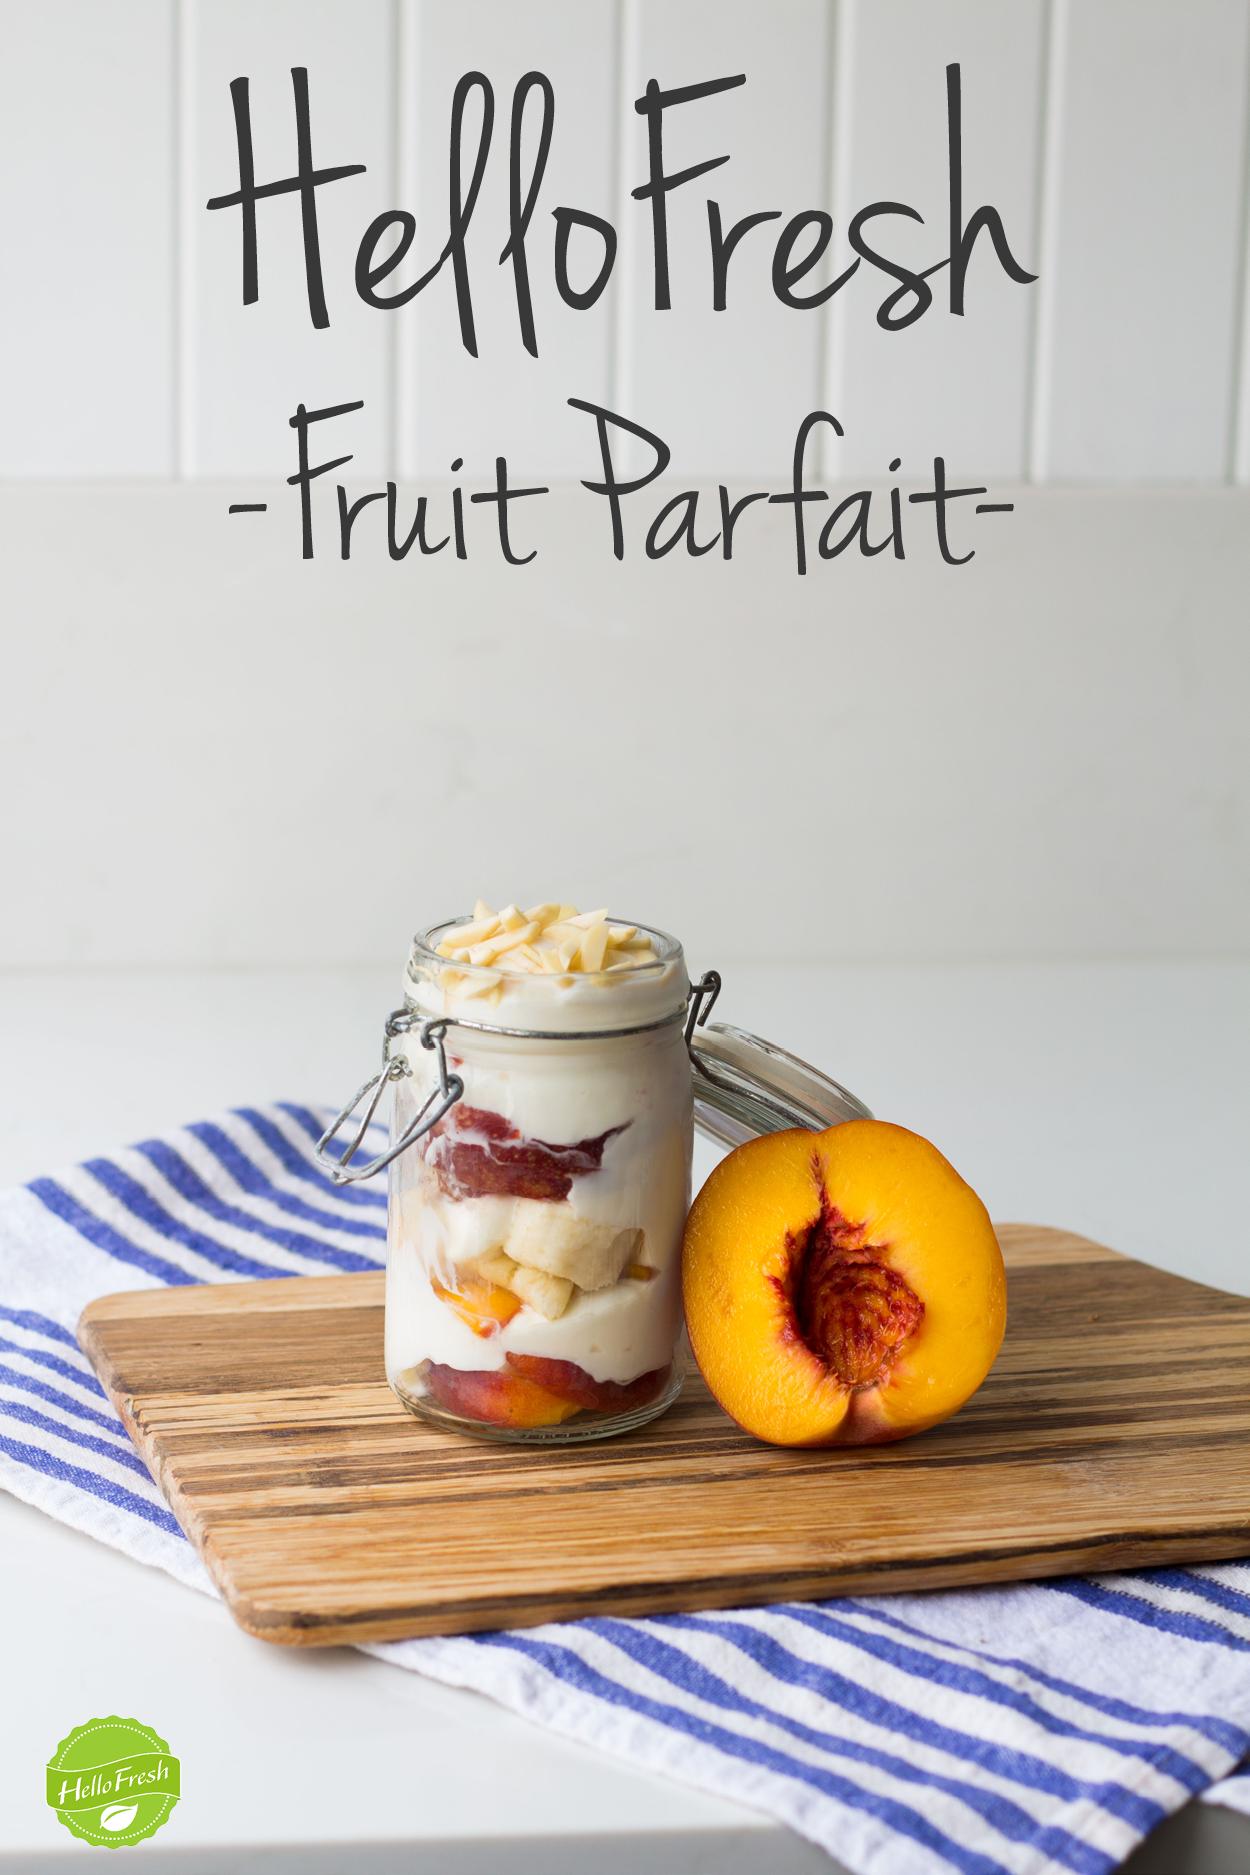 Fruit_Parfait breakfast